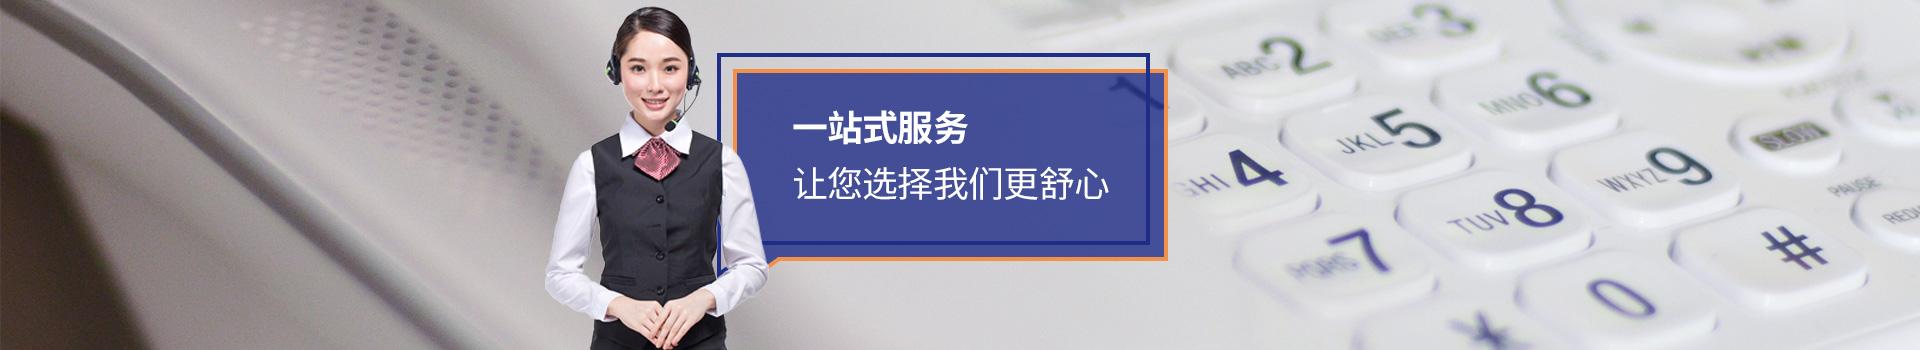 万晨驰固:一站式服务 让您选择我们更舒心